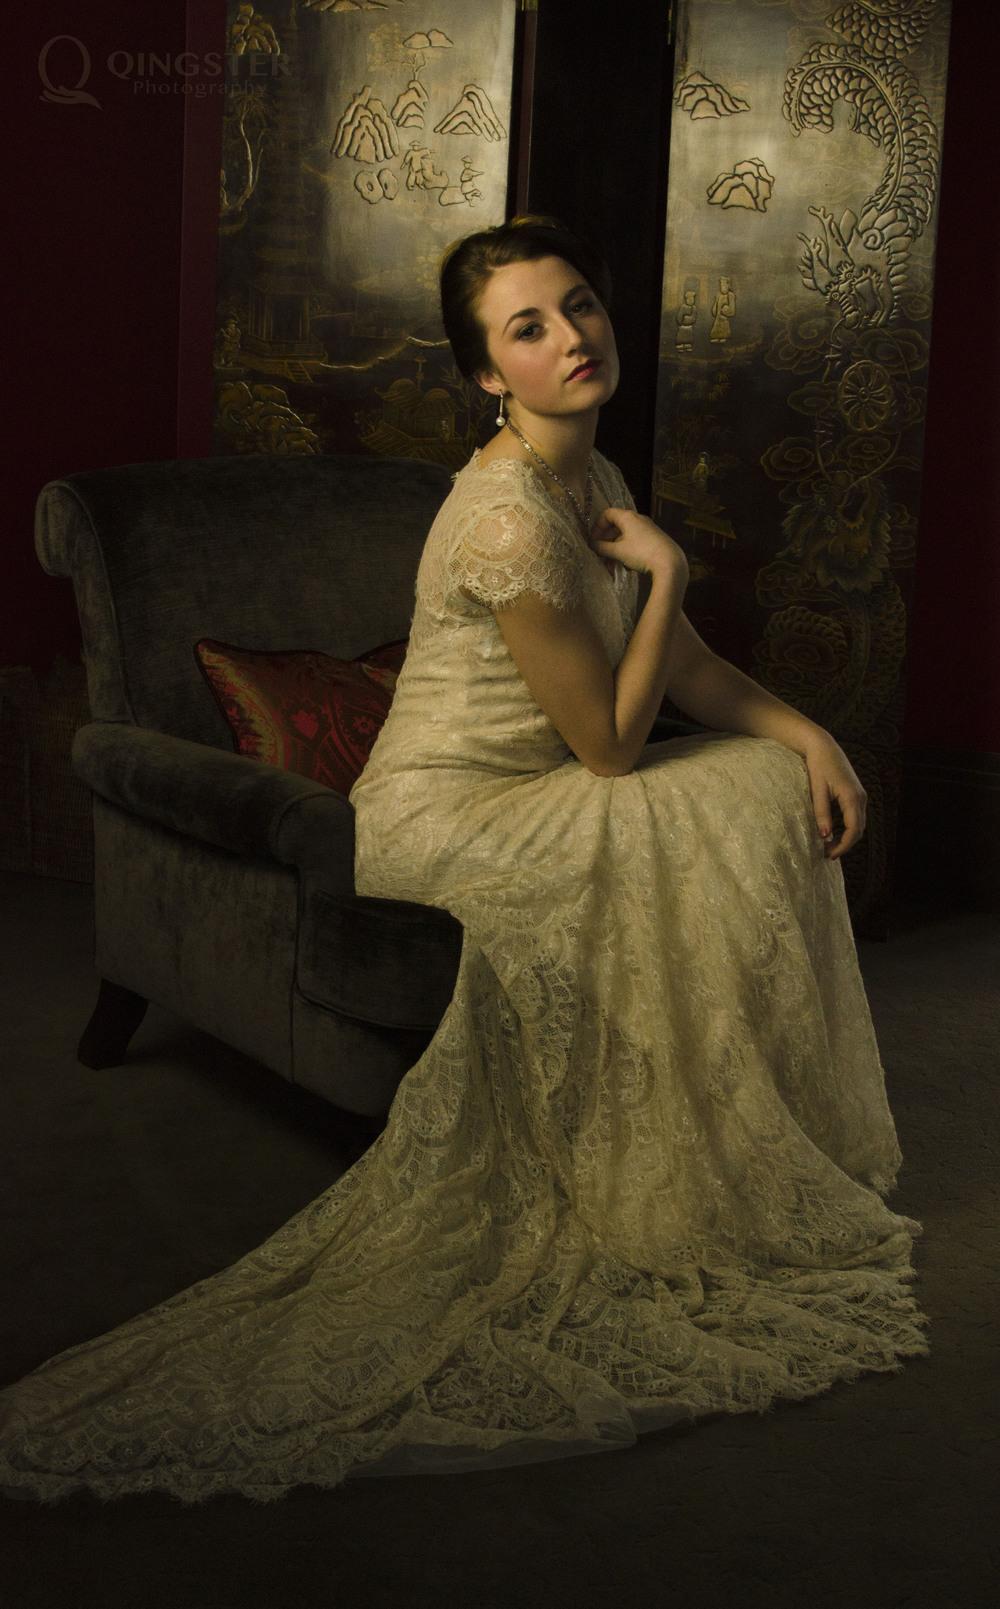 她刚从   Edwardian   的紧身胸衣中解放出来    头发还些许保留了旧日时光的格调    连同落寞贵族的一点郁郁寡欢。。。